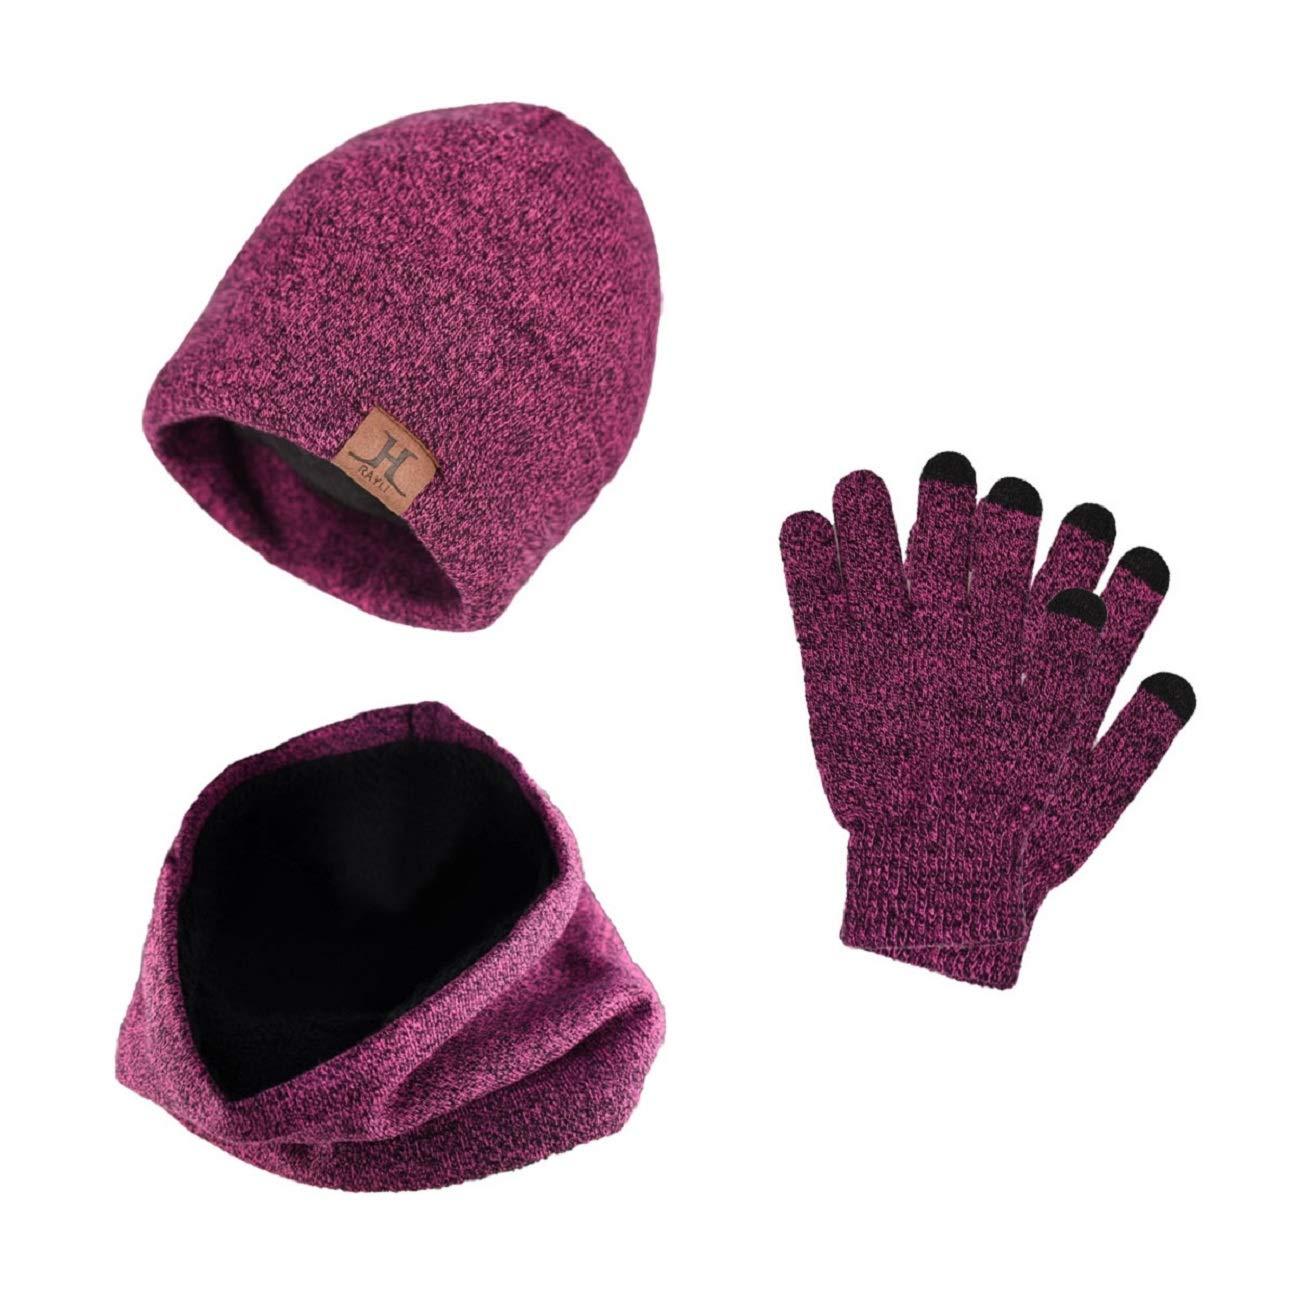 heekpek 3-in-1 Warme Reihe von Gestrickten Schal und Hut mit Dickem Futter und Screen Touchable Handschuhe neue Wintermode Trend fü r Mä nner und Frauen